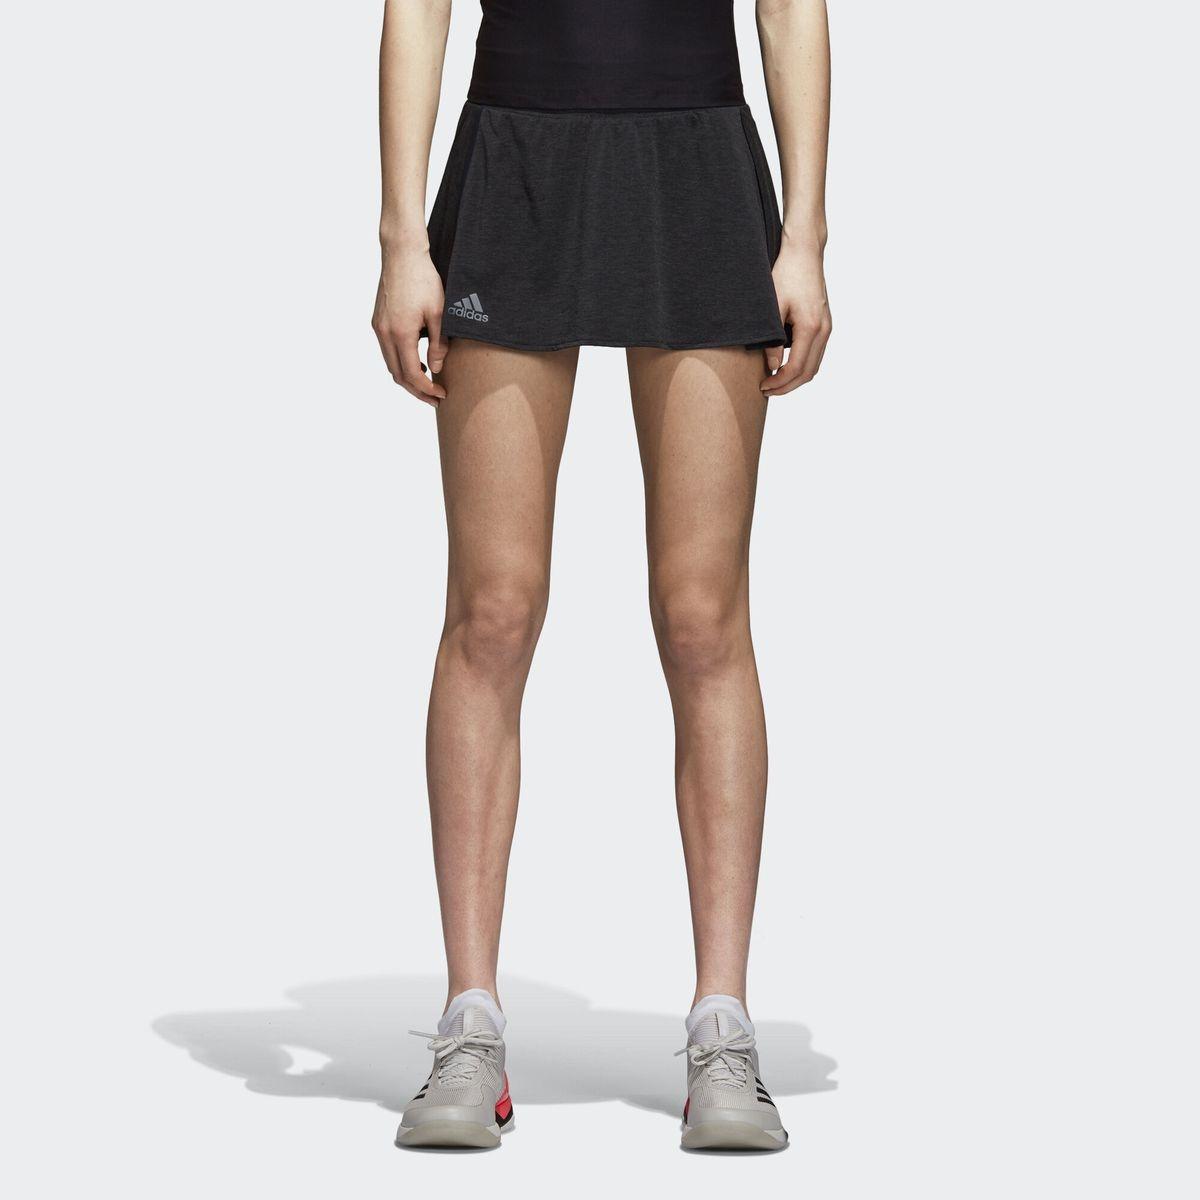 Jupe Adidas Adidas Jupe Adidas Adidas Jupe Adidas Jupe Jupe dhrtsQC